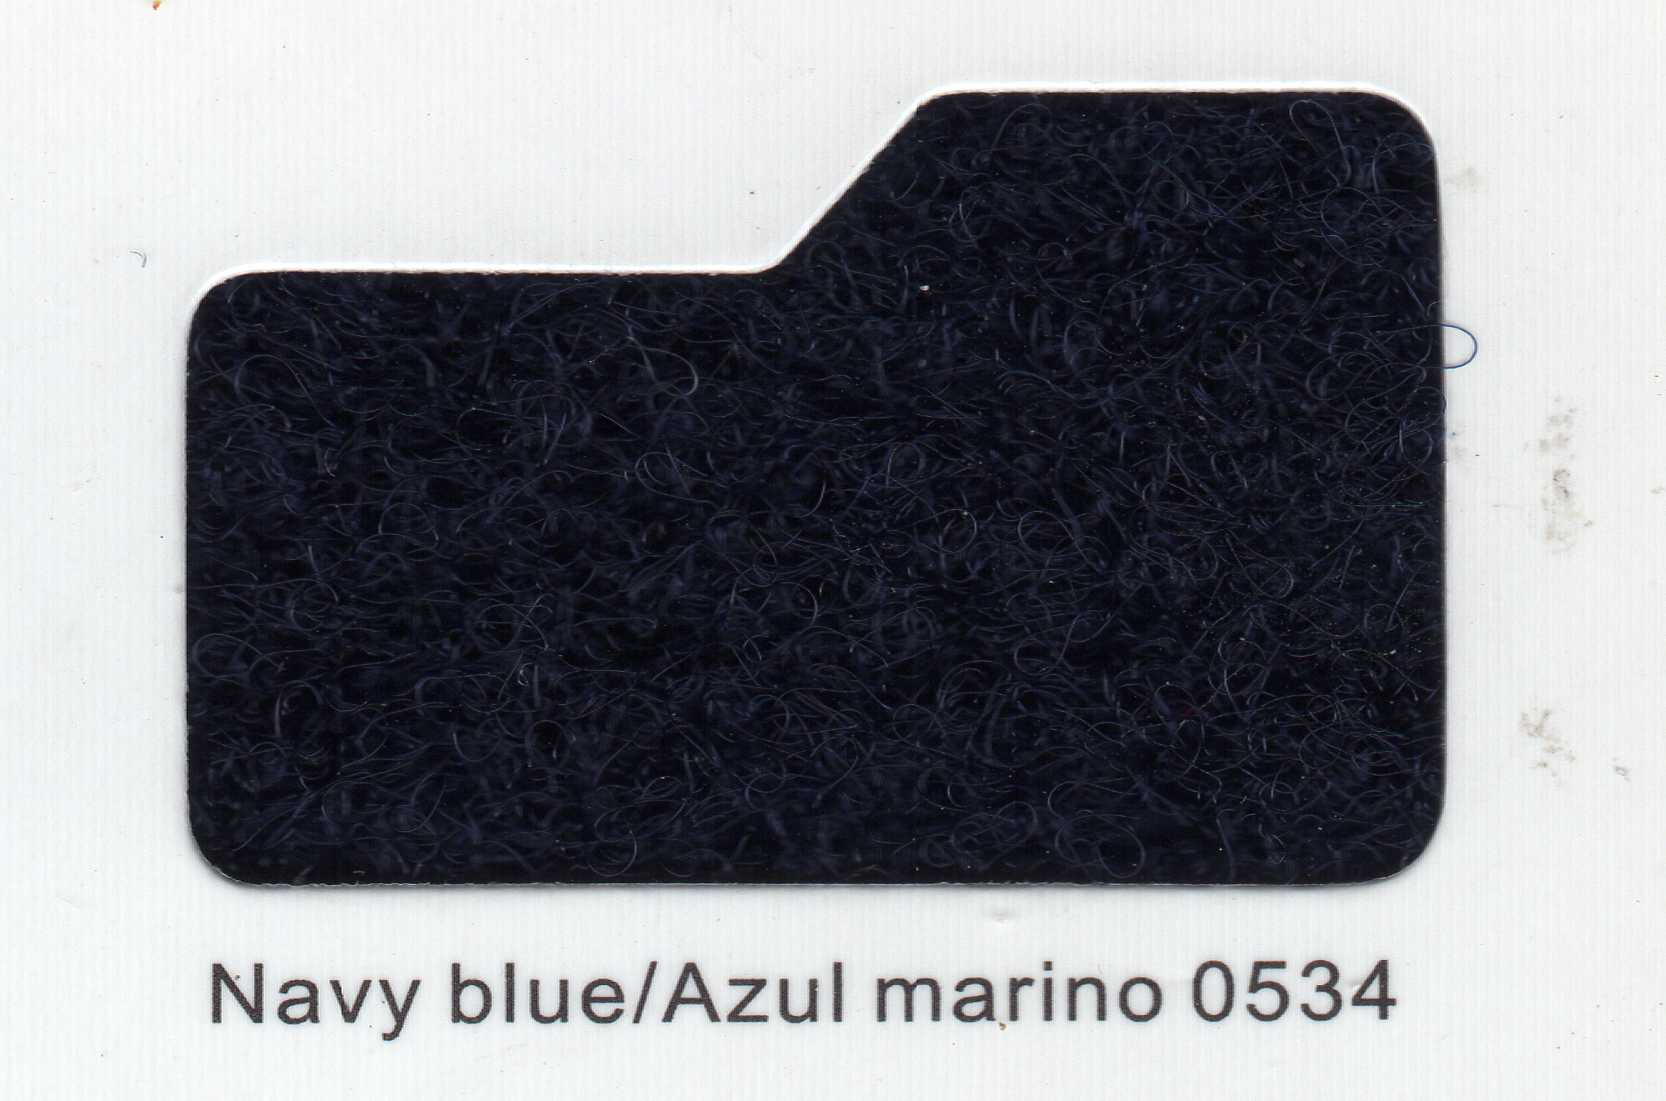 Cinta de cierre Velcro-Veraco 100mm Azul Marino 0534 (Rizo).